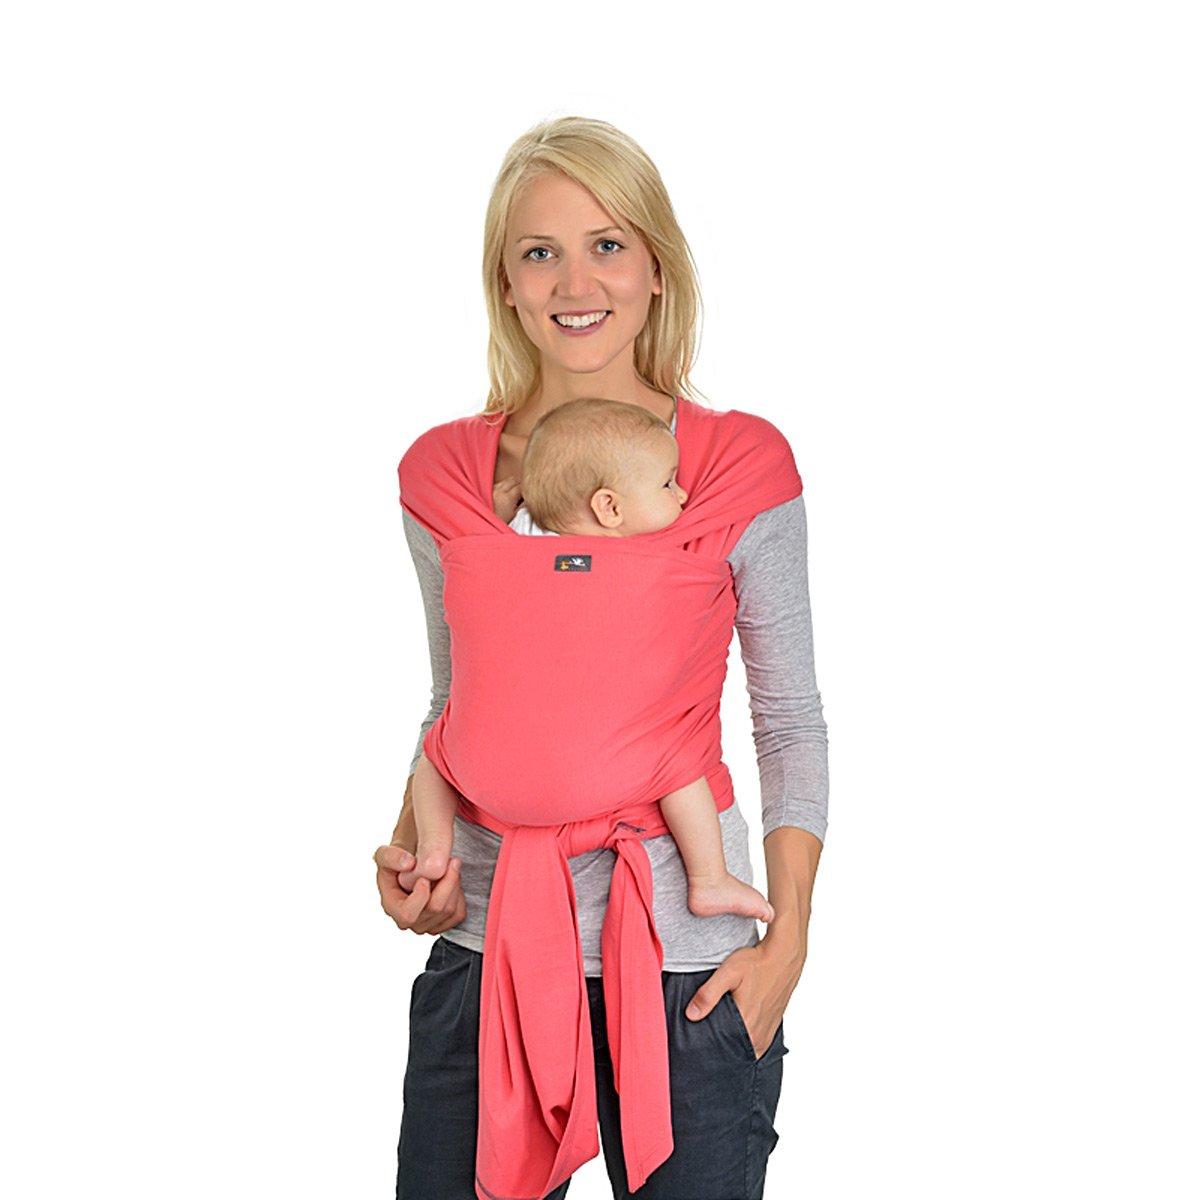 HOPPEDIZ elastisches Tragetuch für Früh- und Neugeborene, inkl. Trageanleitung, 4,60m x 0,50m, Olive eb-l-oli